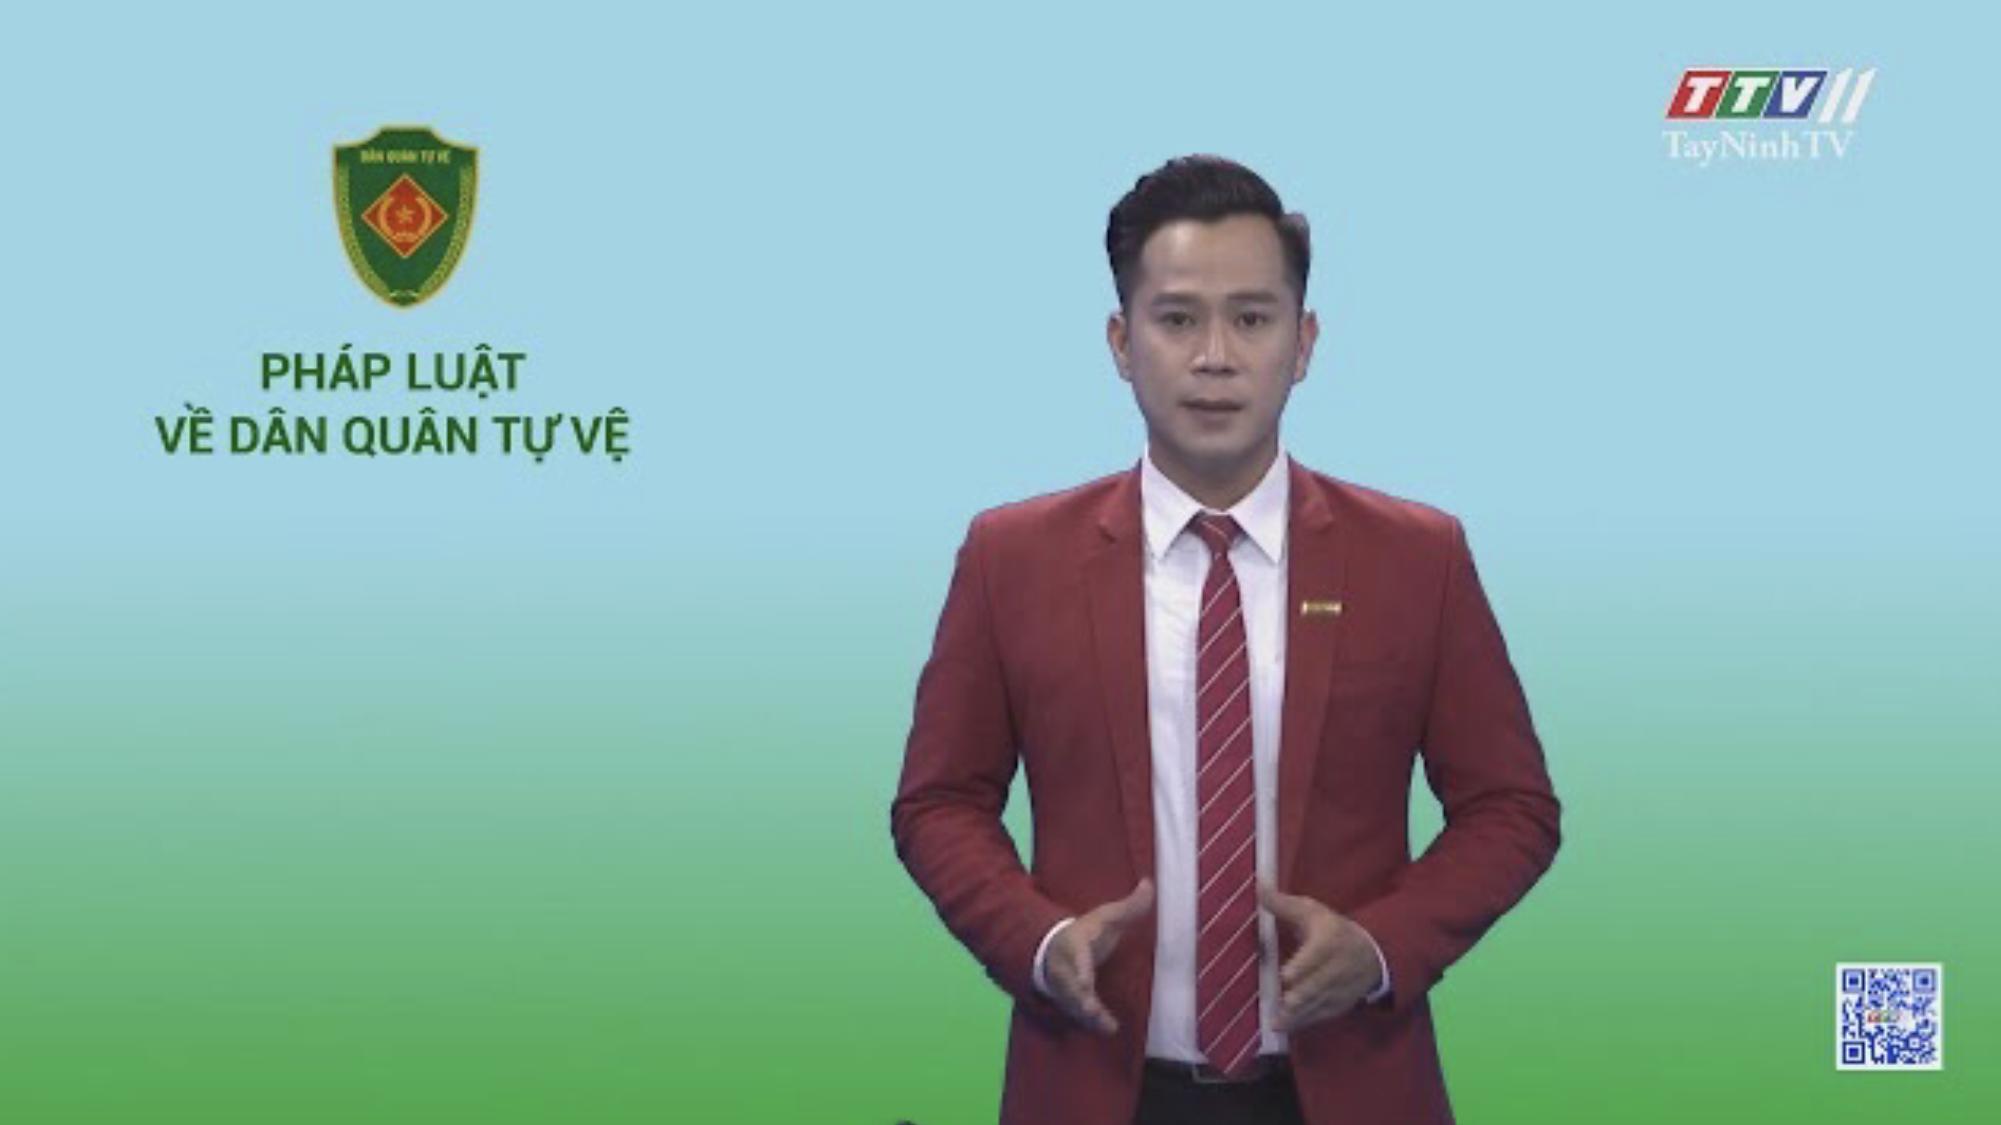 Thị xã Hòa Thành triển khai đề án tuyên truyền phổ biến Luật dân quân tự vệ | Pháp luật về Dân quân tự vệ | TâyNinhTV